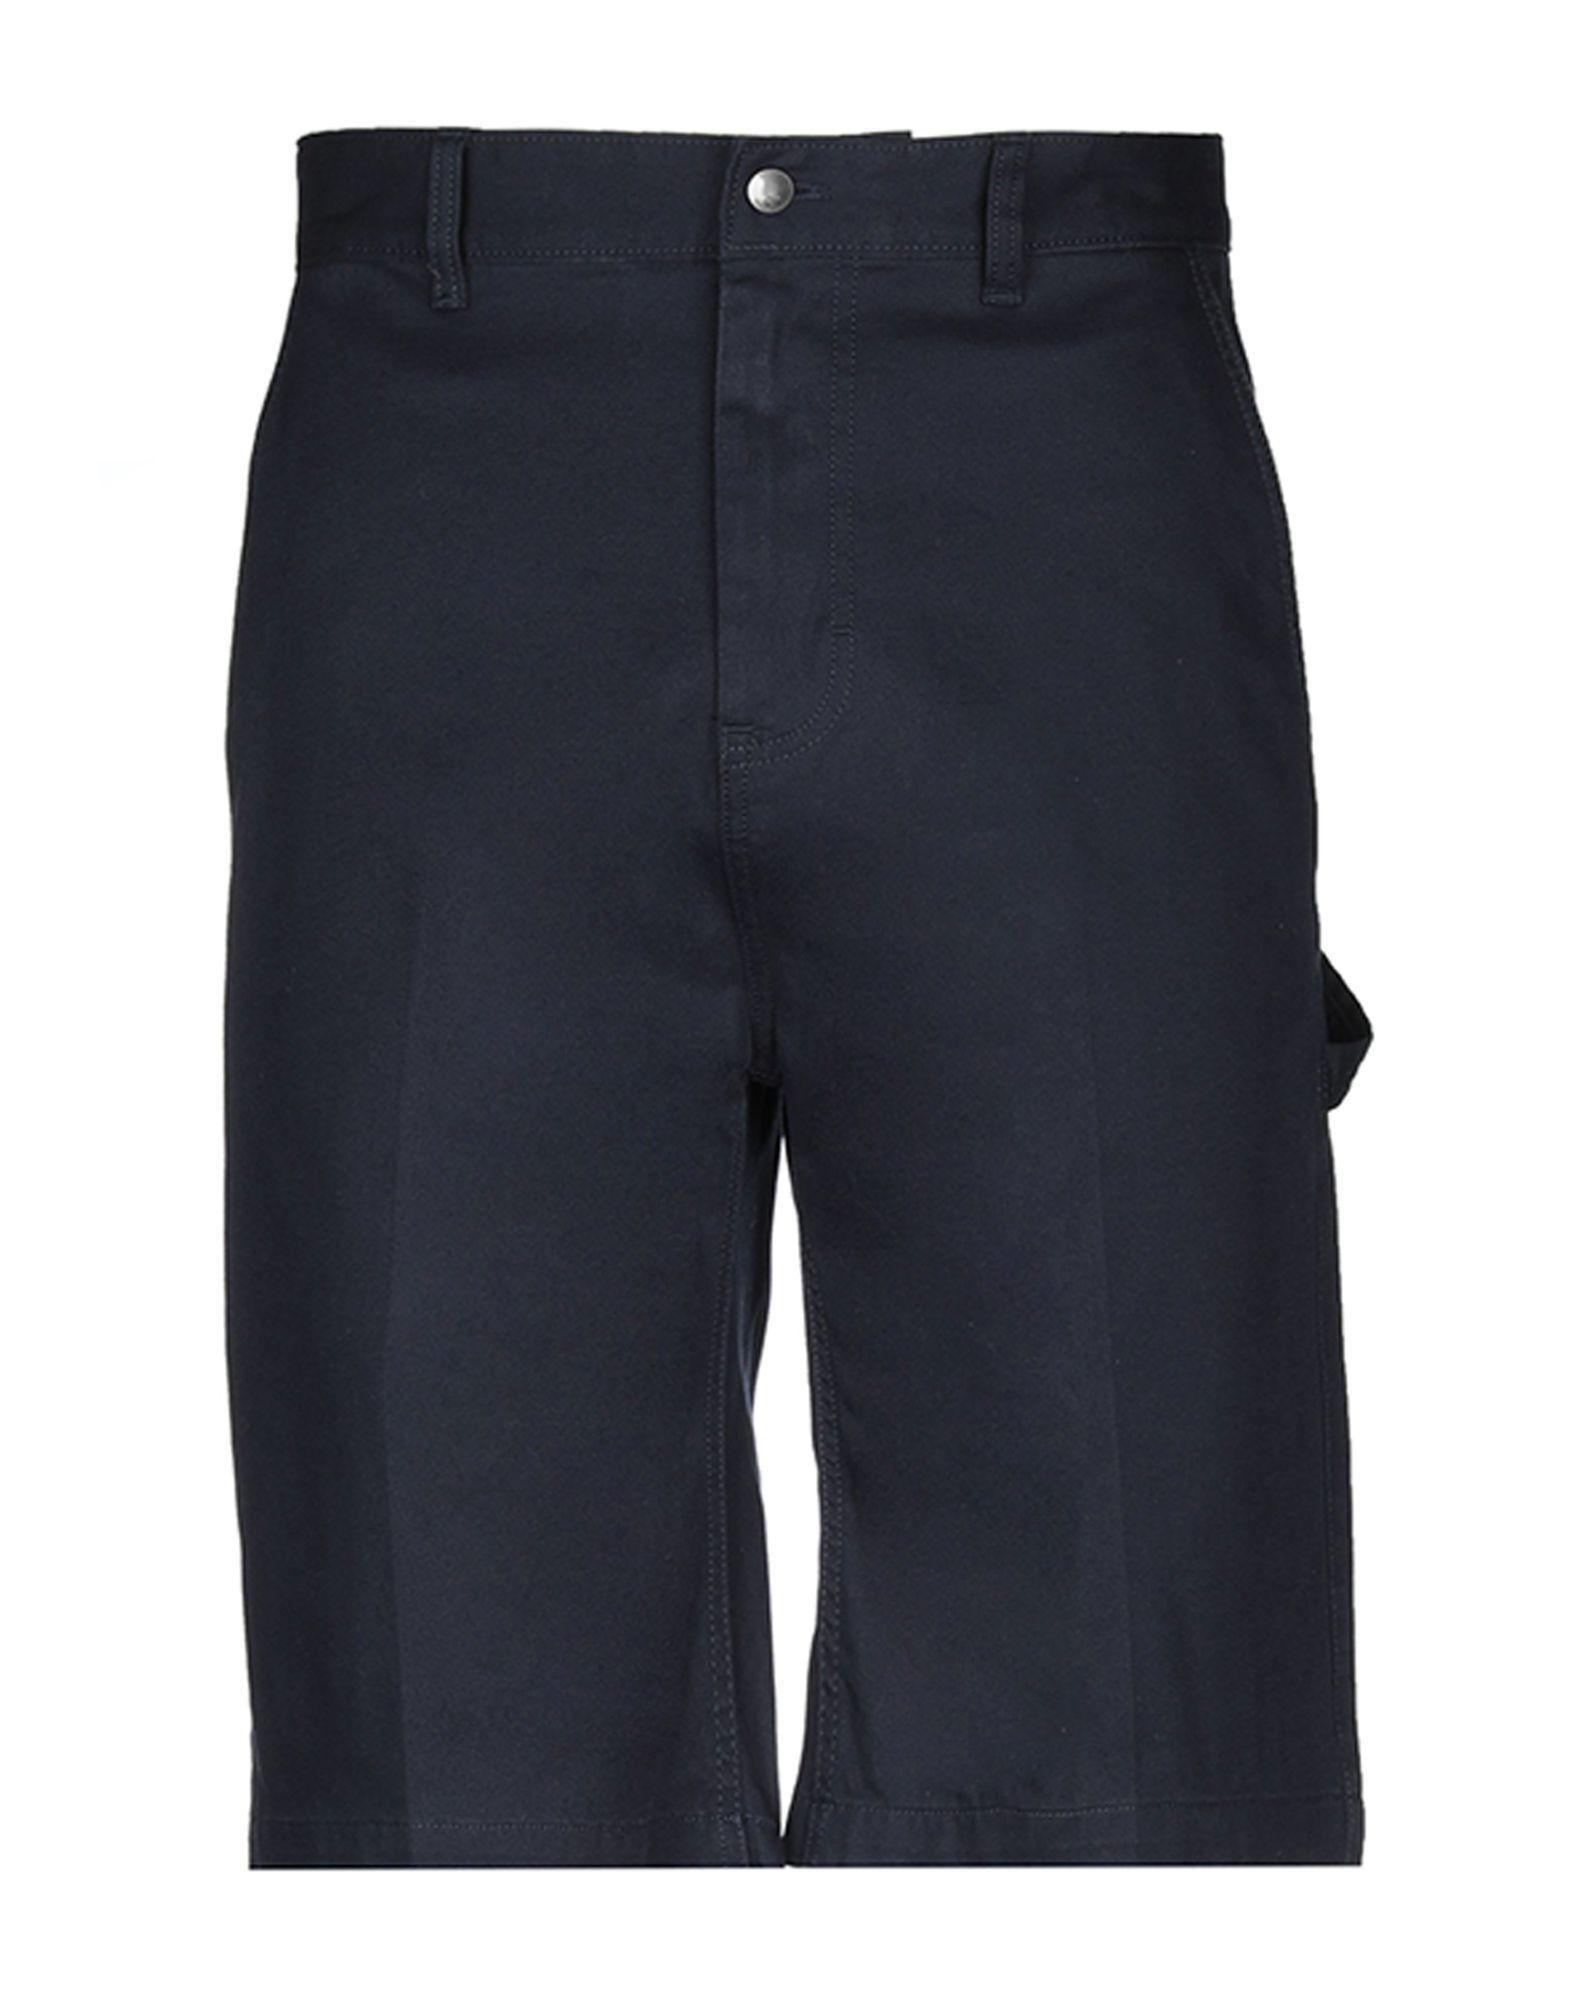 6ddb7572ff CALVIN KLEIN JEANS BERMUDAS. #calvinkleinjeans #cloth | Calvin Klein ...